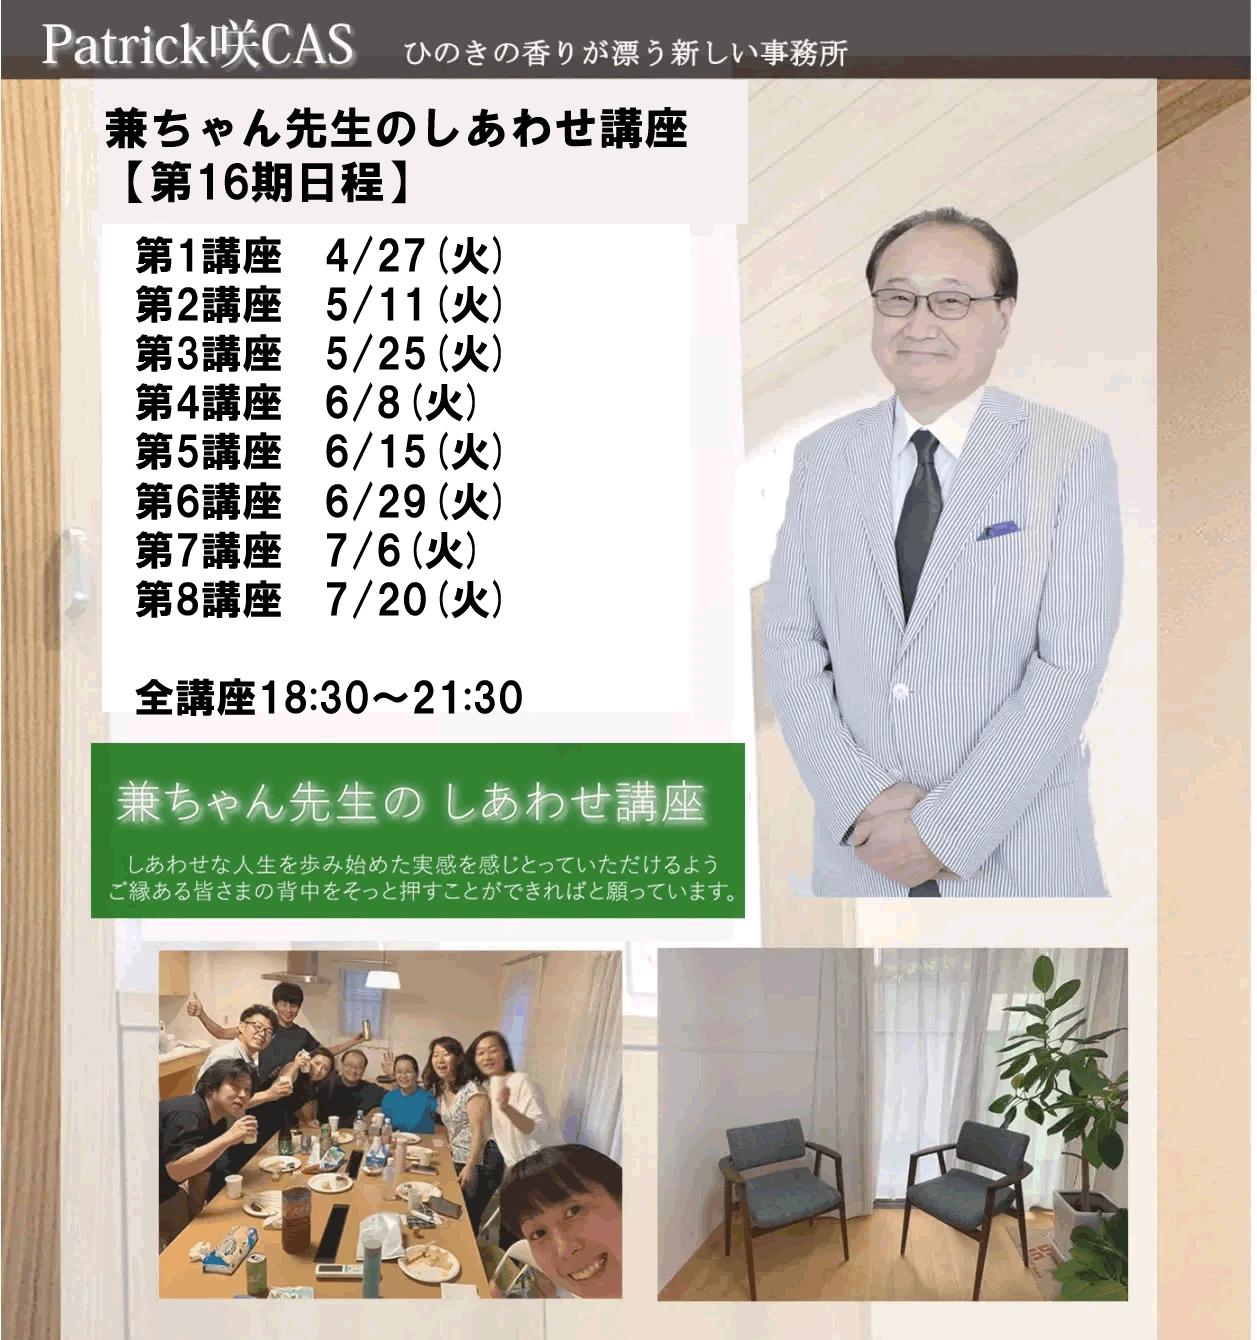 兼ちゃん先生のしあわせ講座